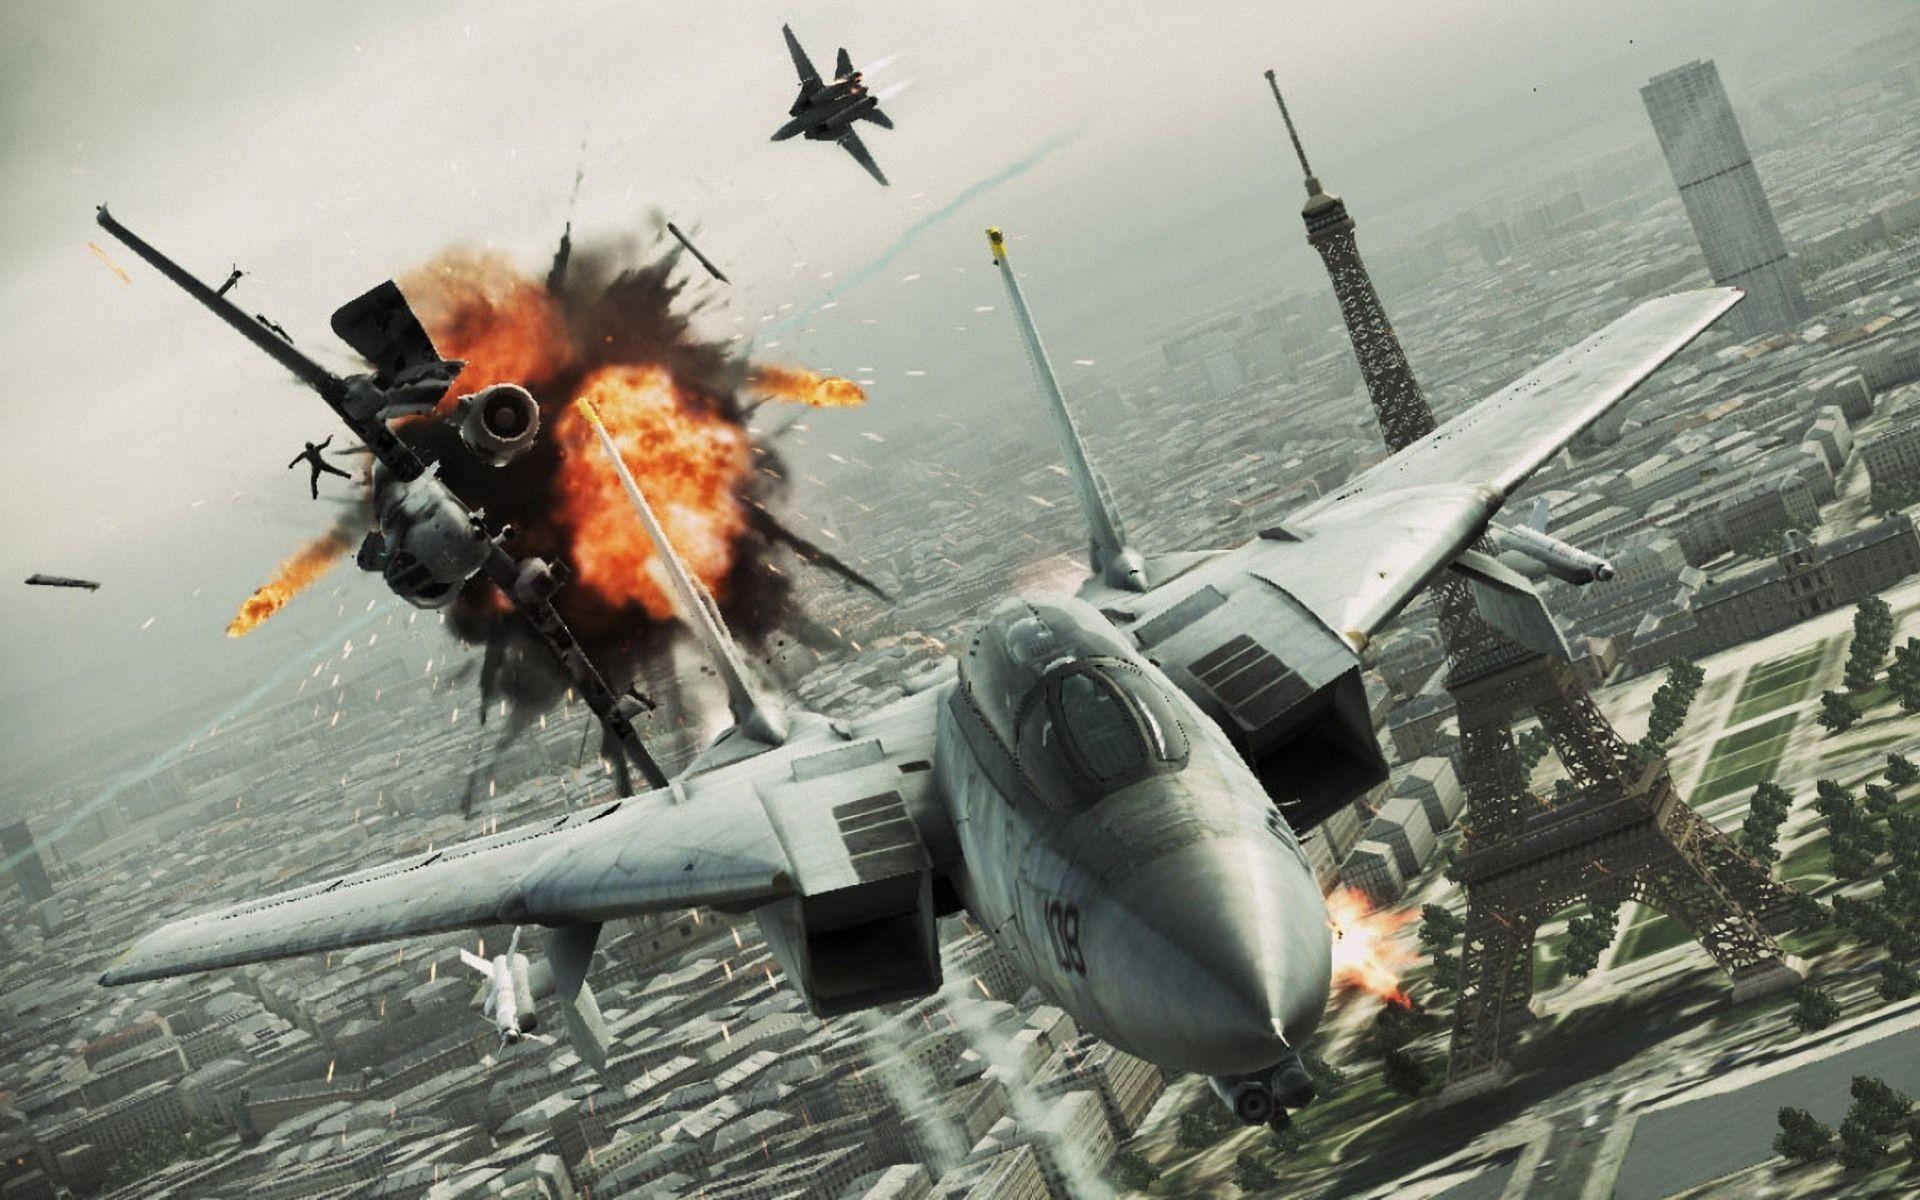 Res: 1920x1200, Ace Combat HD Wallpaper HD 9 - 1920 X 1200